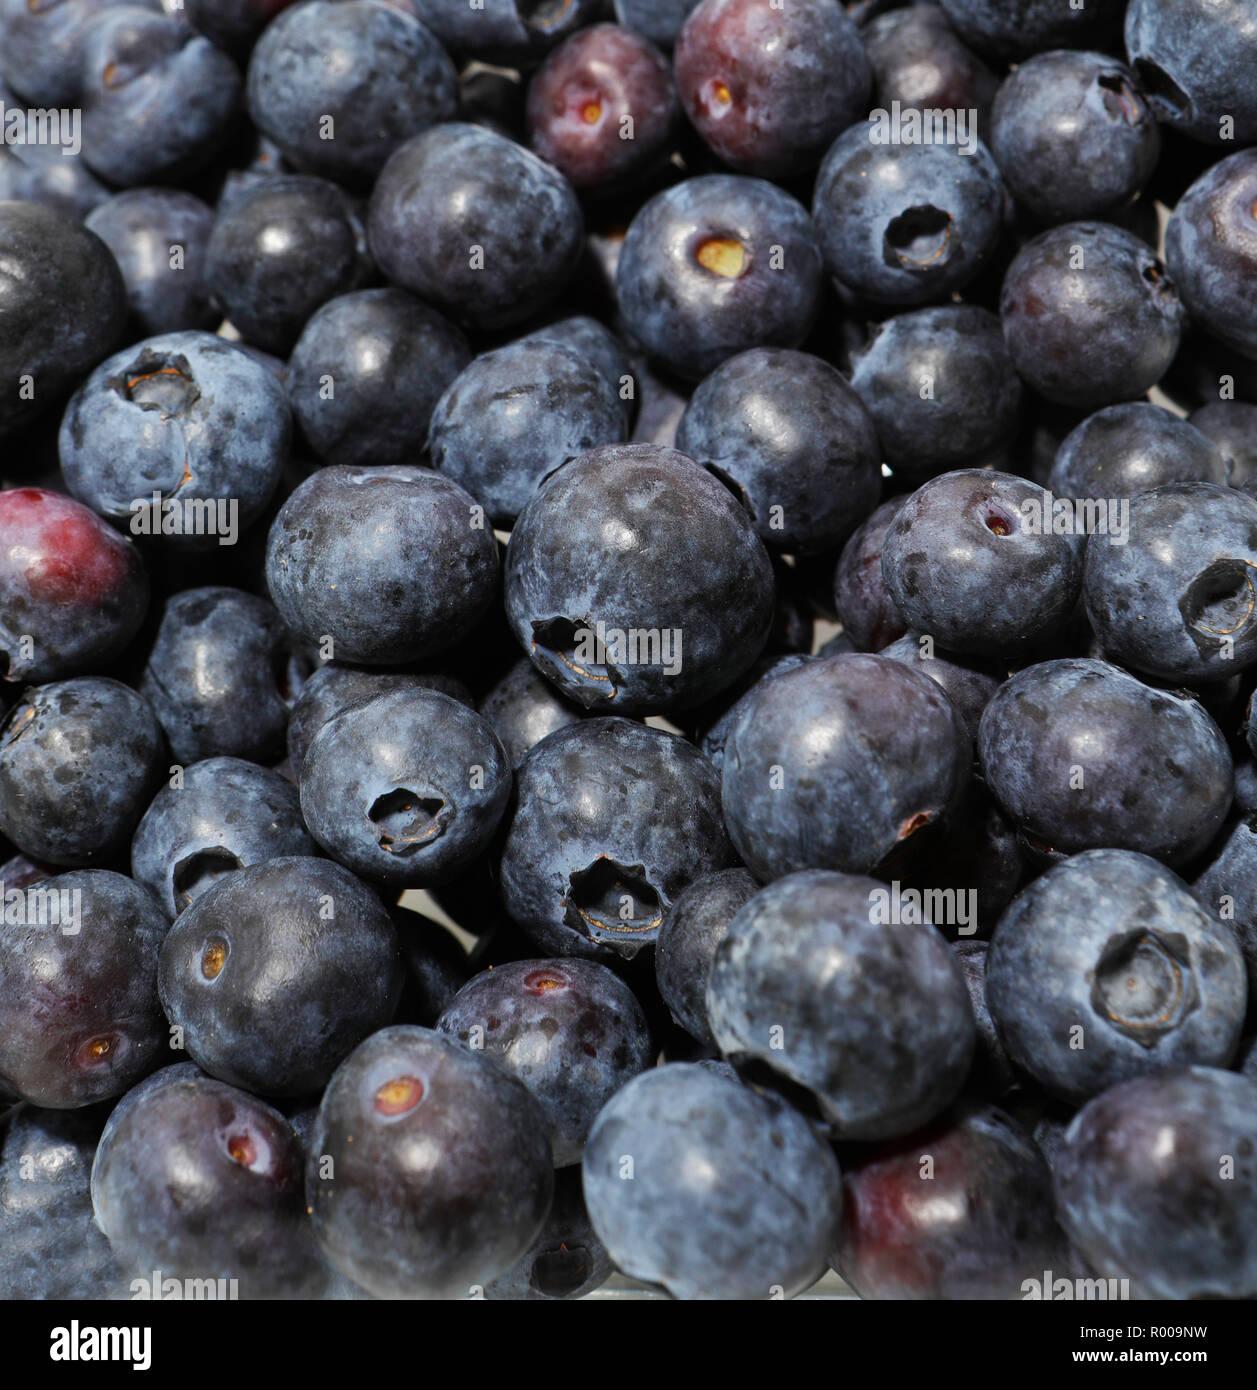 Les bleuets. Antioxydant. Concepts de fruits. France Photo Stock